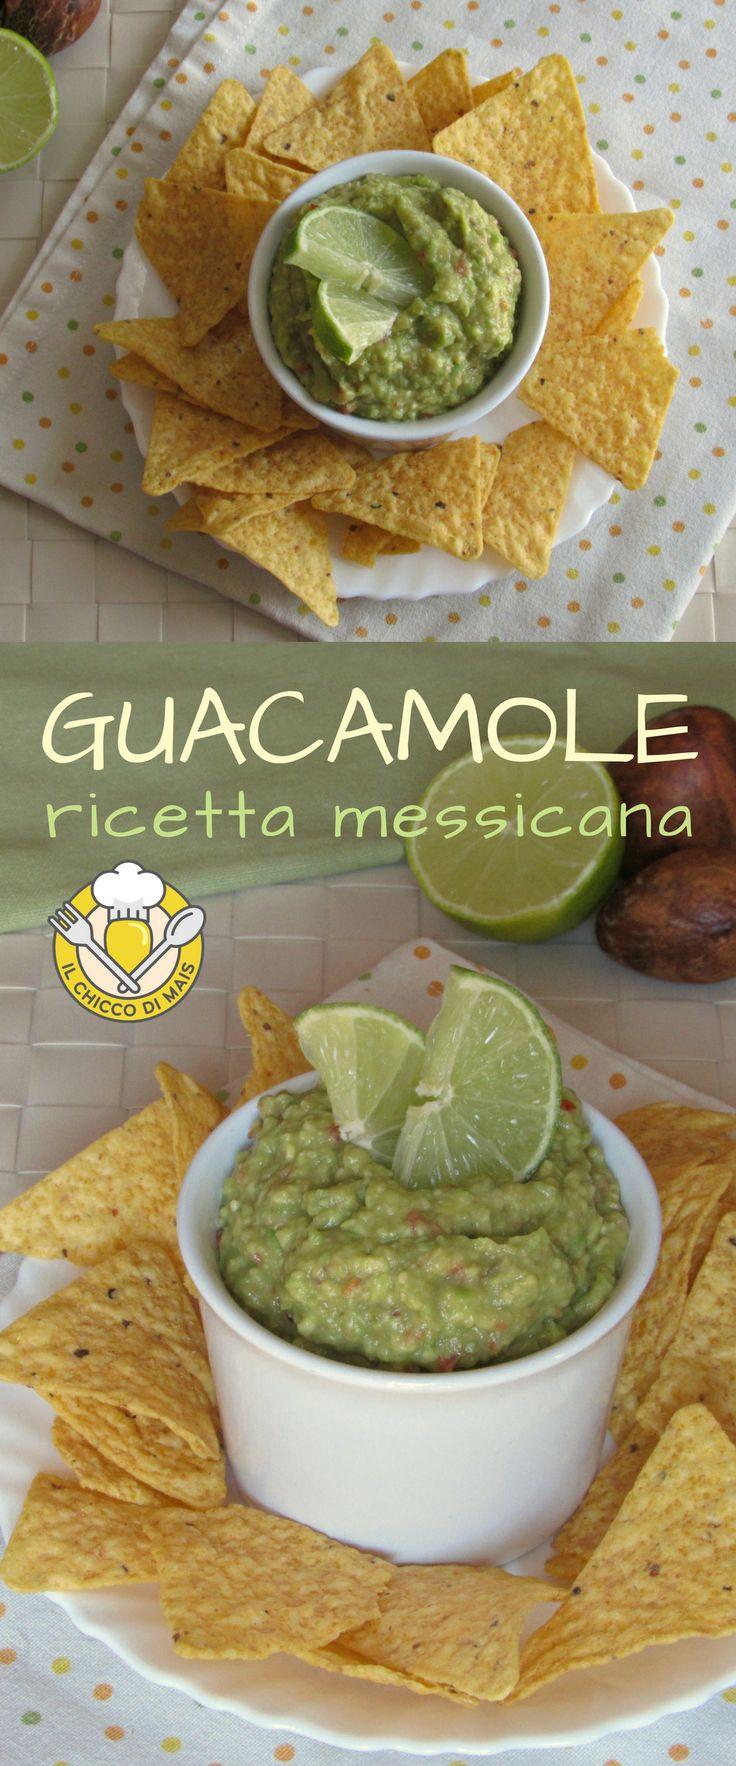 Guacamole: come preparare la salsa messicana a base di avocado, ricetta facile e veloce per accompagnare nachos, patatine, tacos, burrito... https://blog.giallozafferano.it/ilchiccodimais/guacamole-ricetta-messicana/